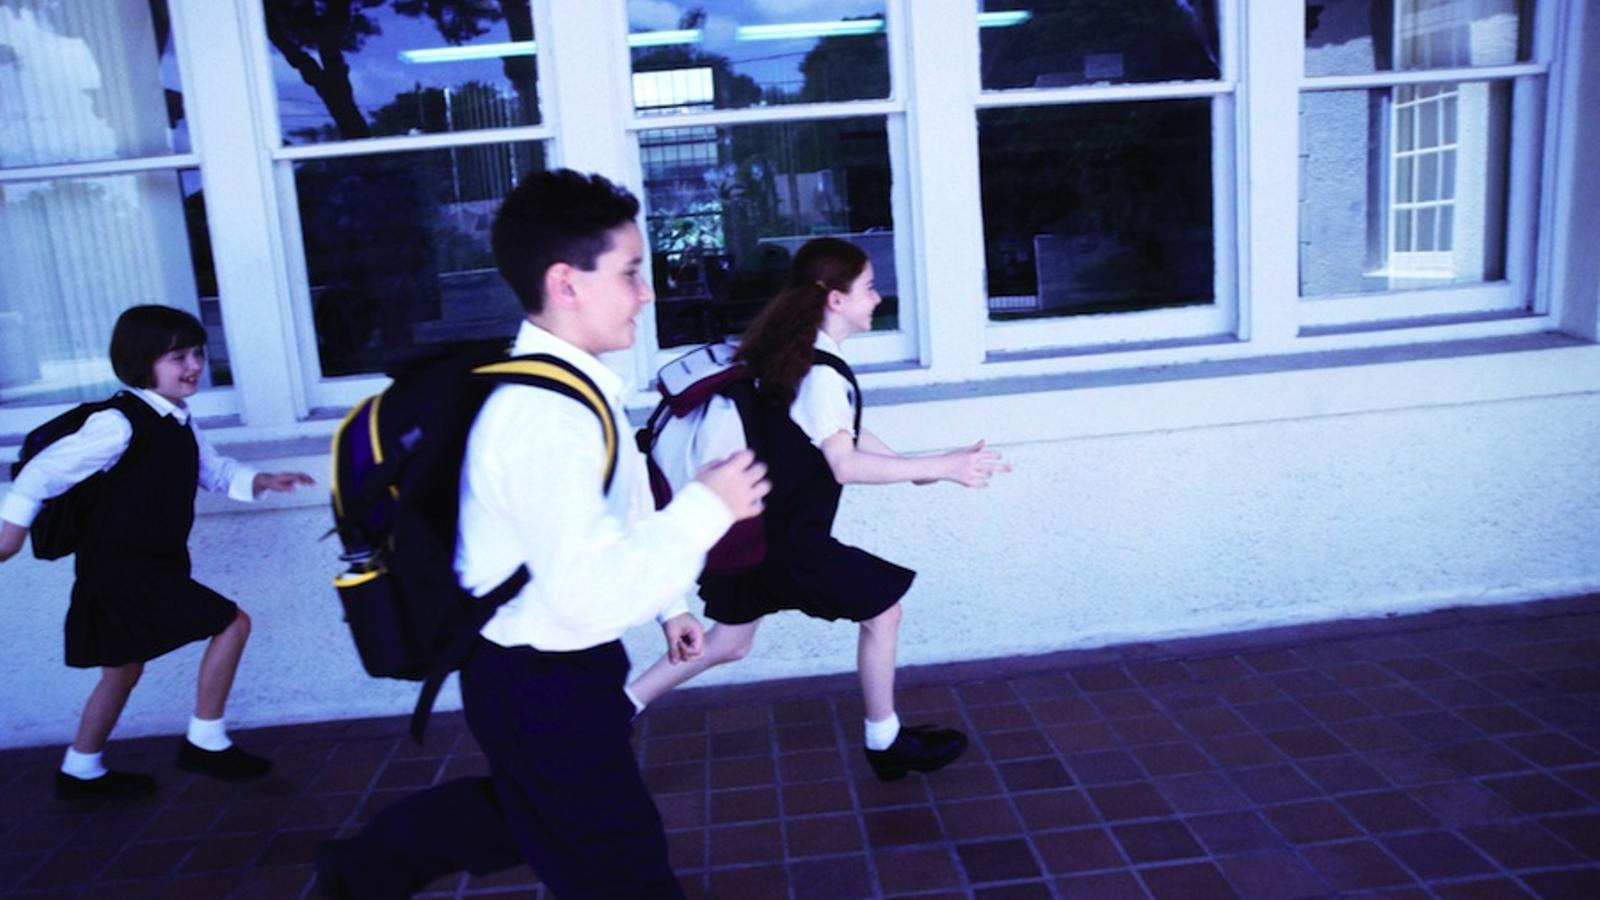 Nens amb uniforme en una escola / GETTY